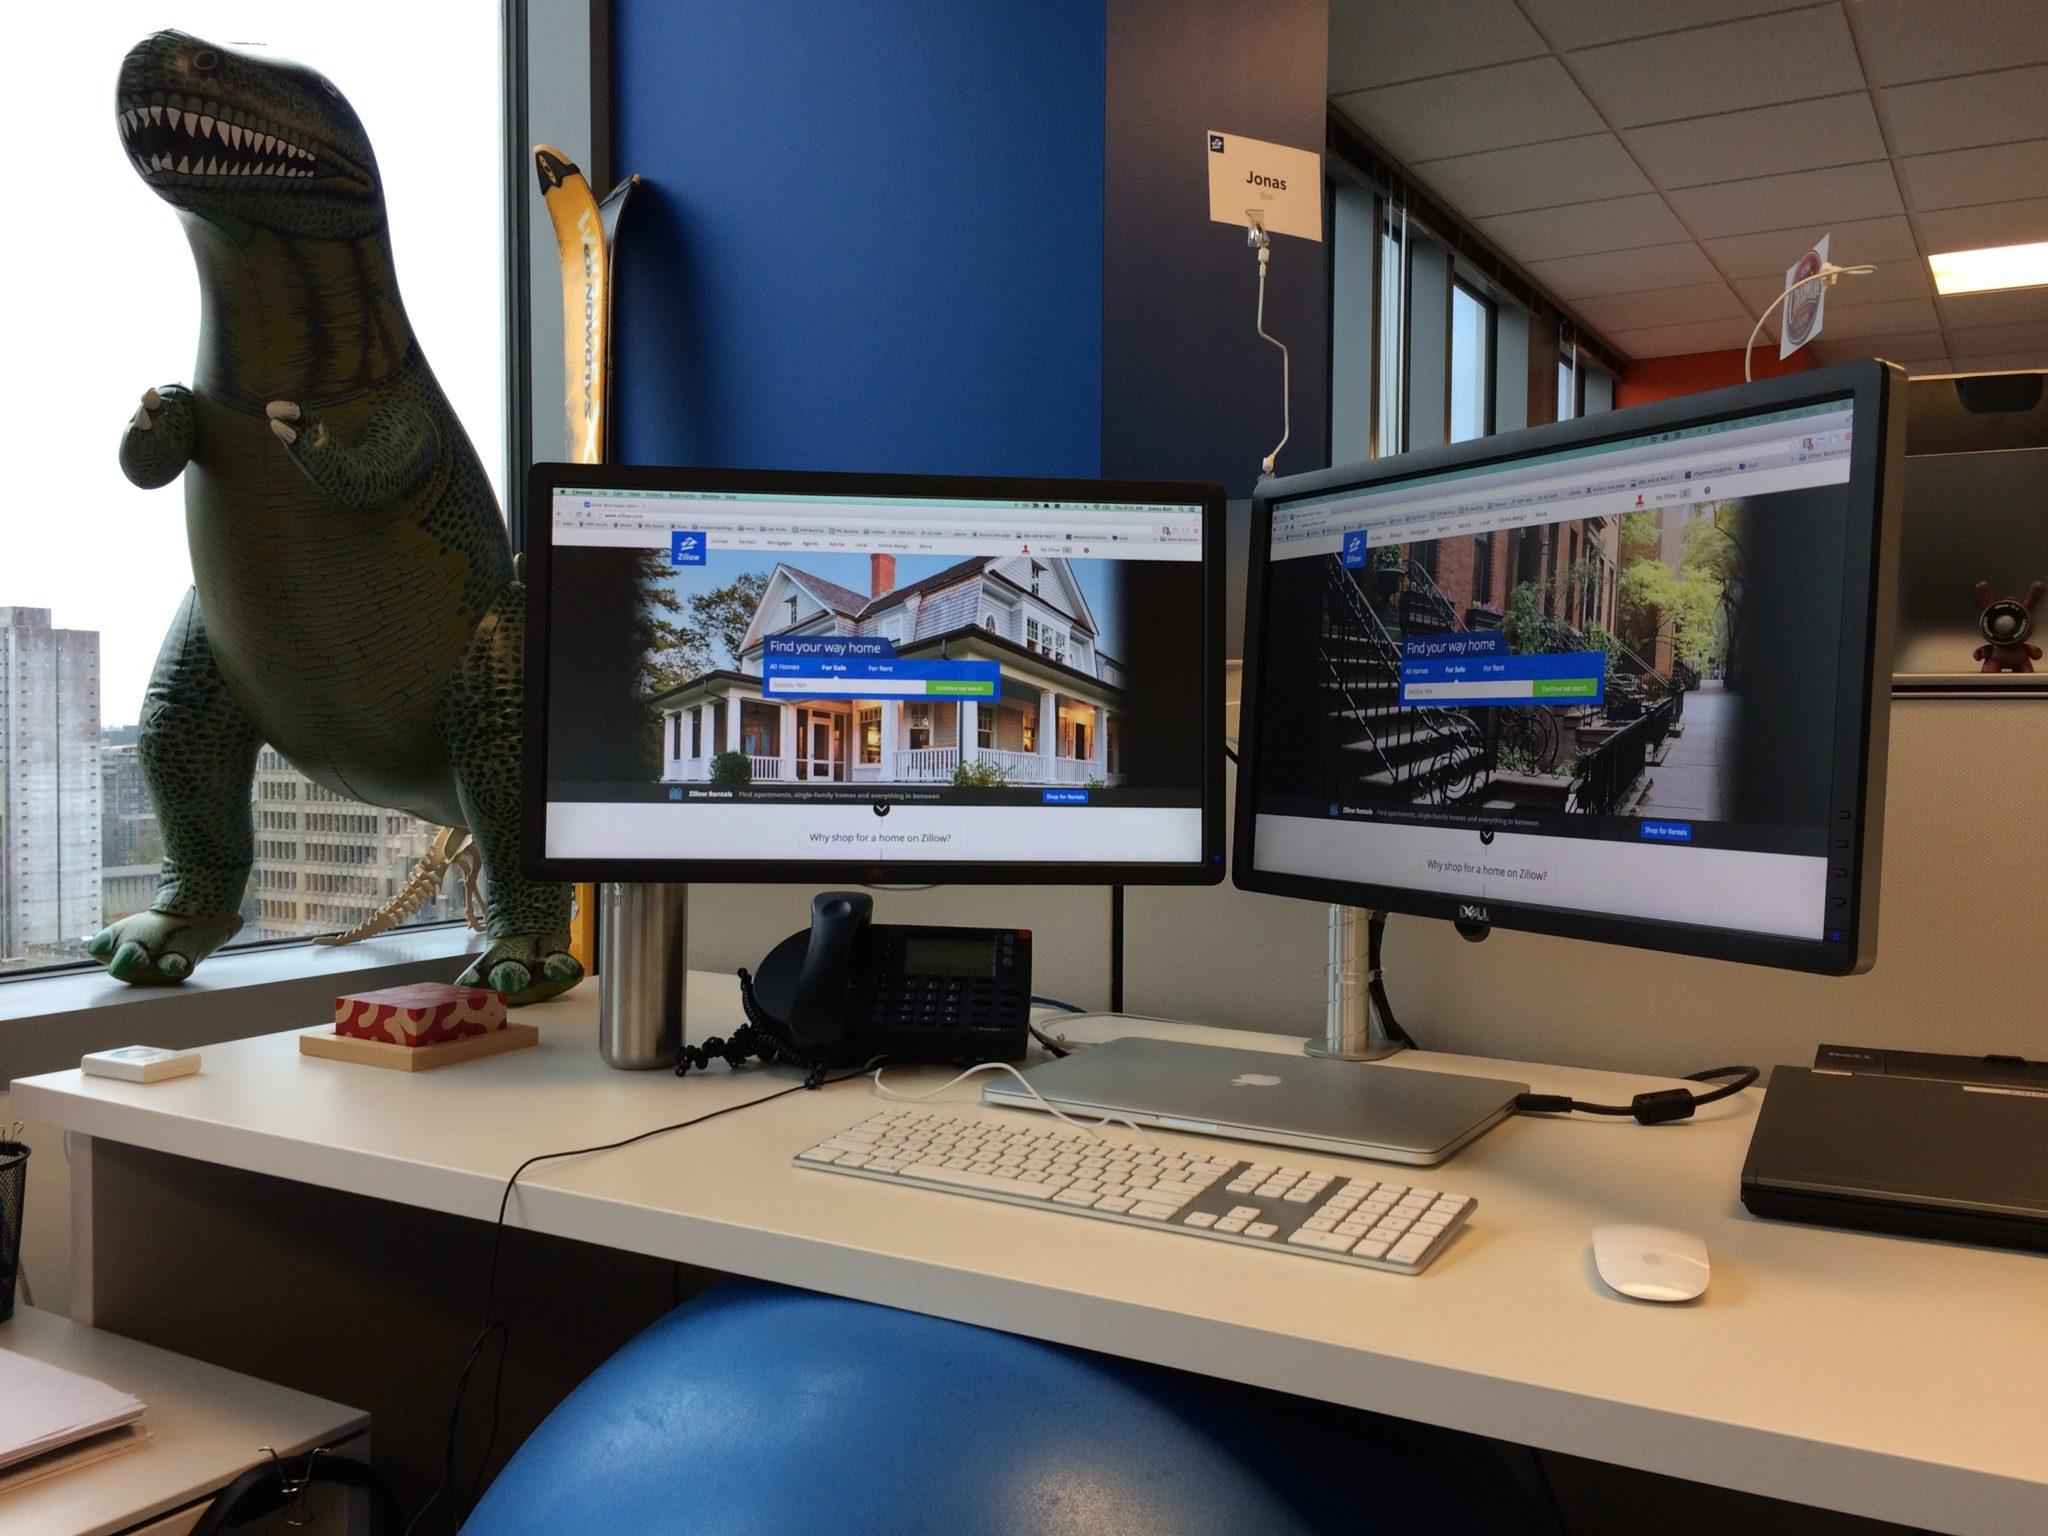 Jonas-Boli-Workspace